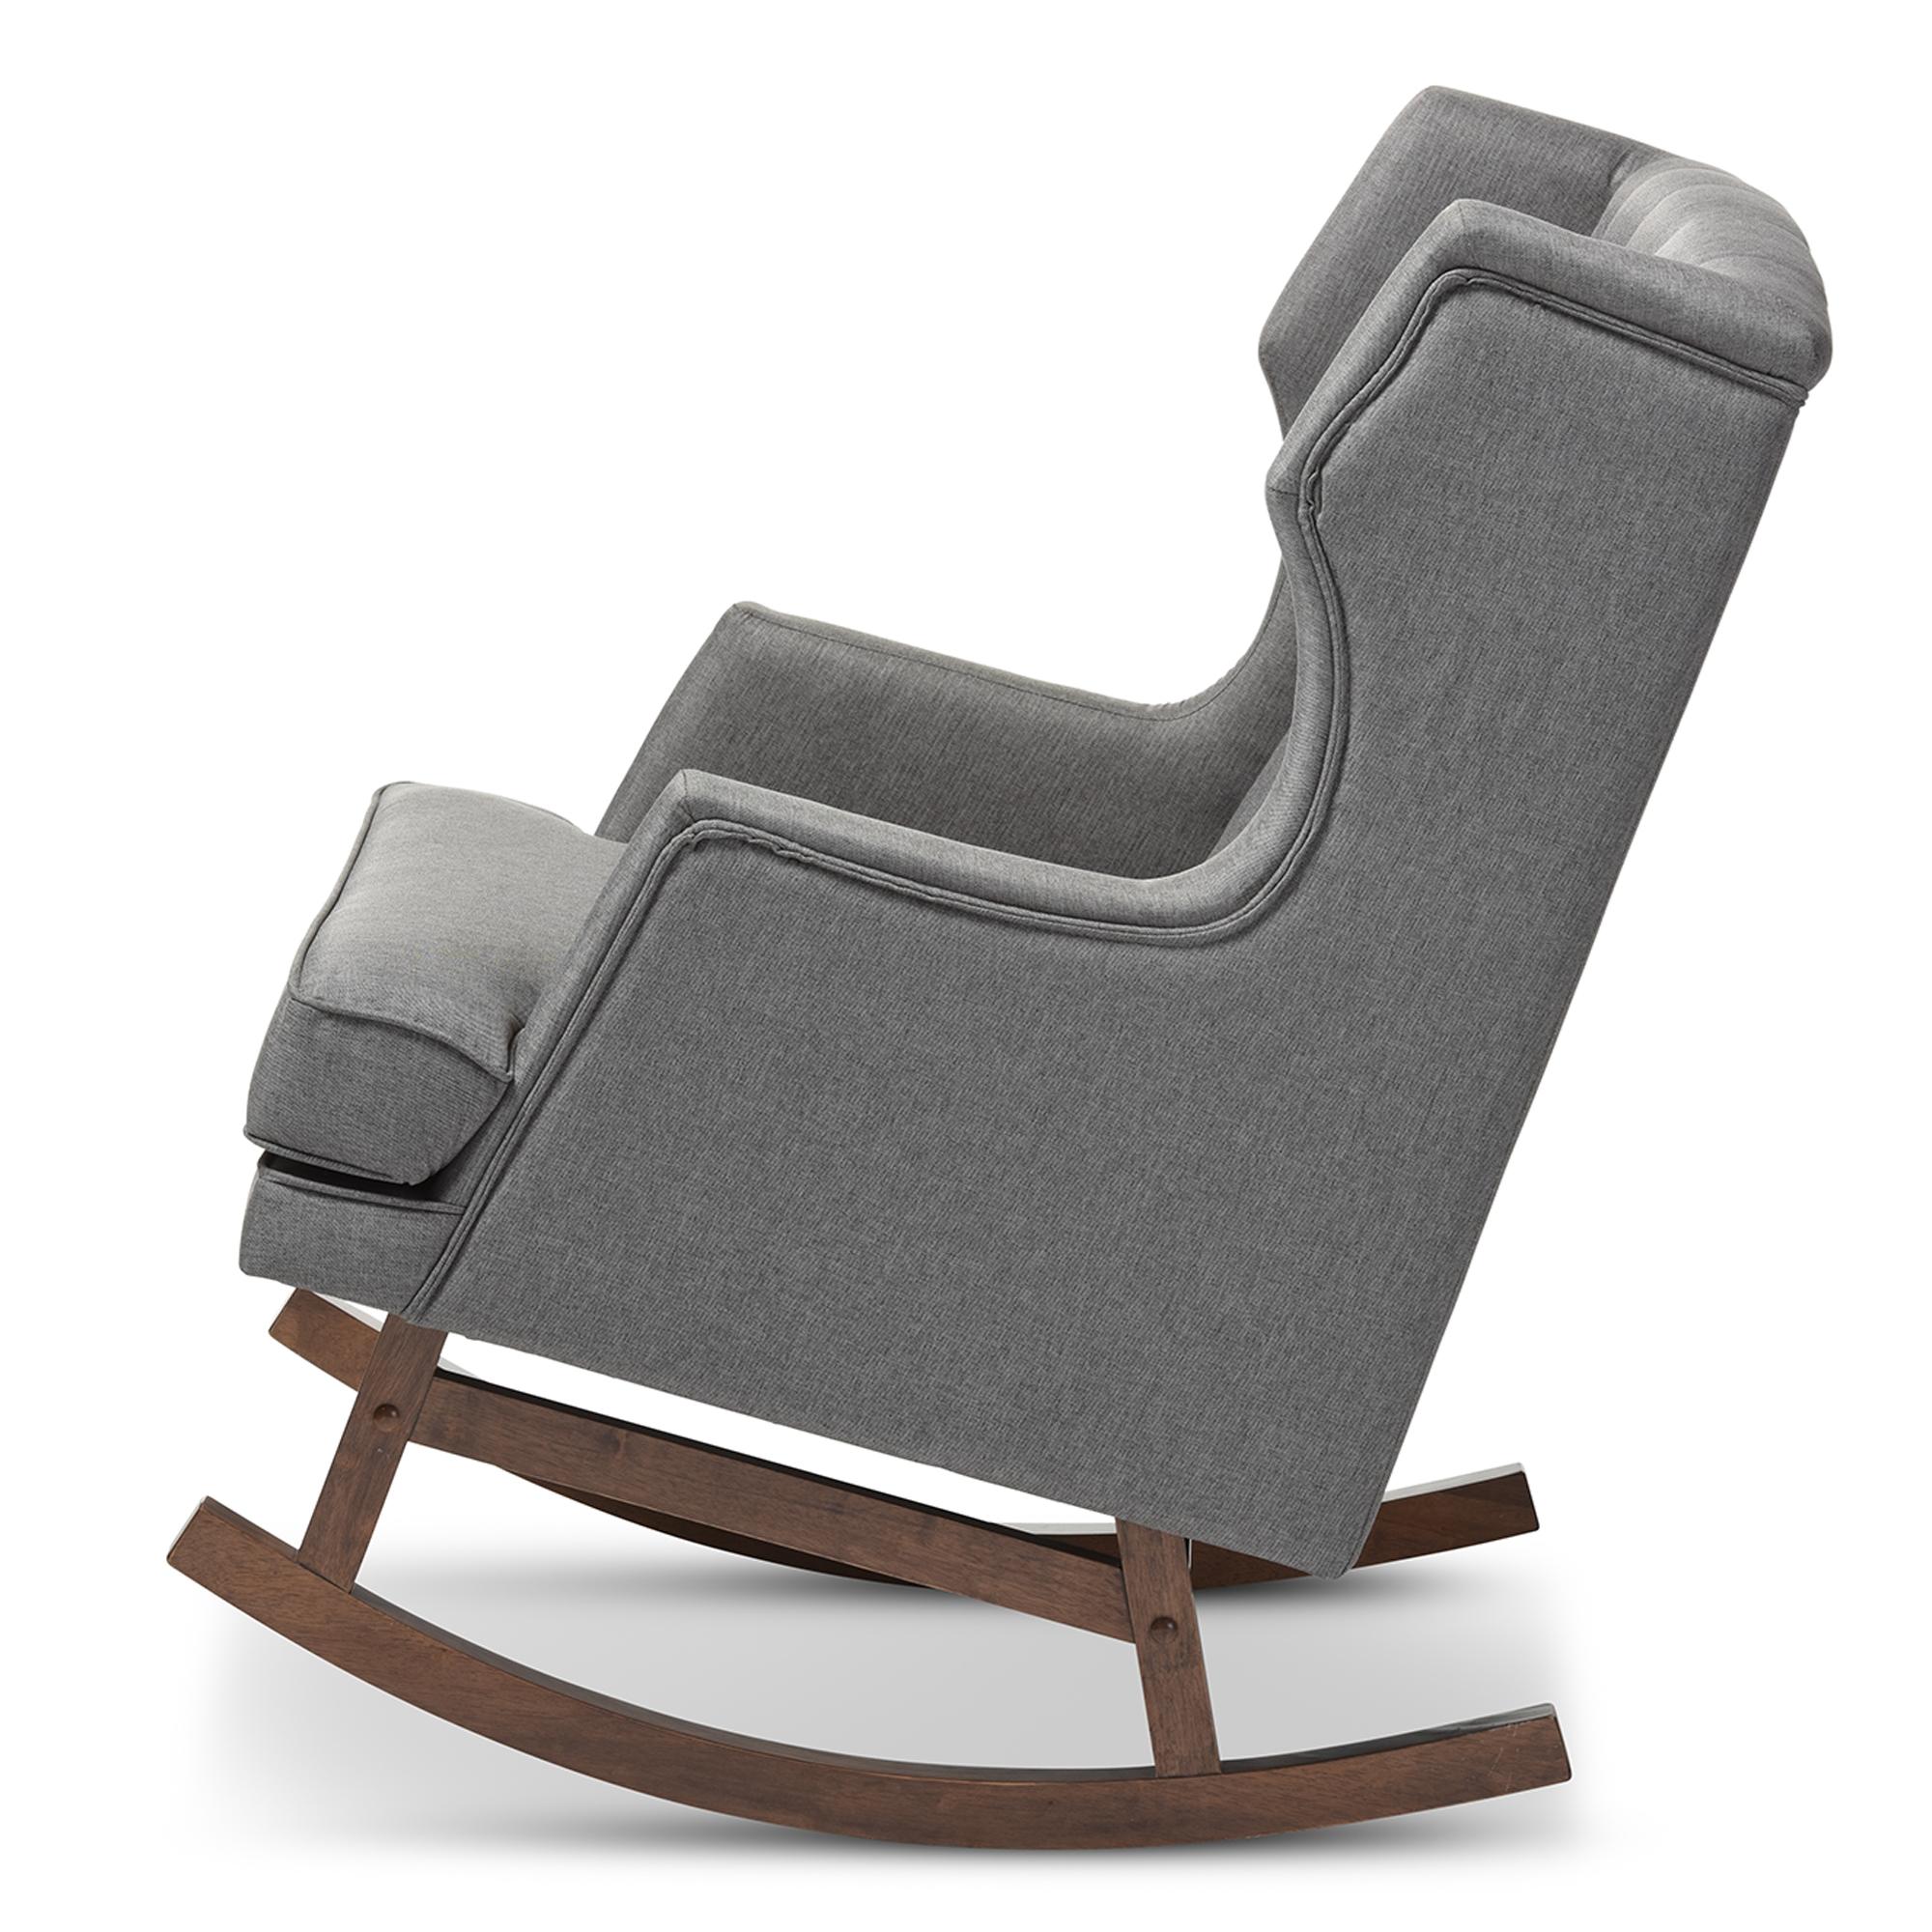 Pleasant Retro Rocking Chair Loris Decoration Pabps2019 Chair Design Images Pabps2019Com